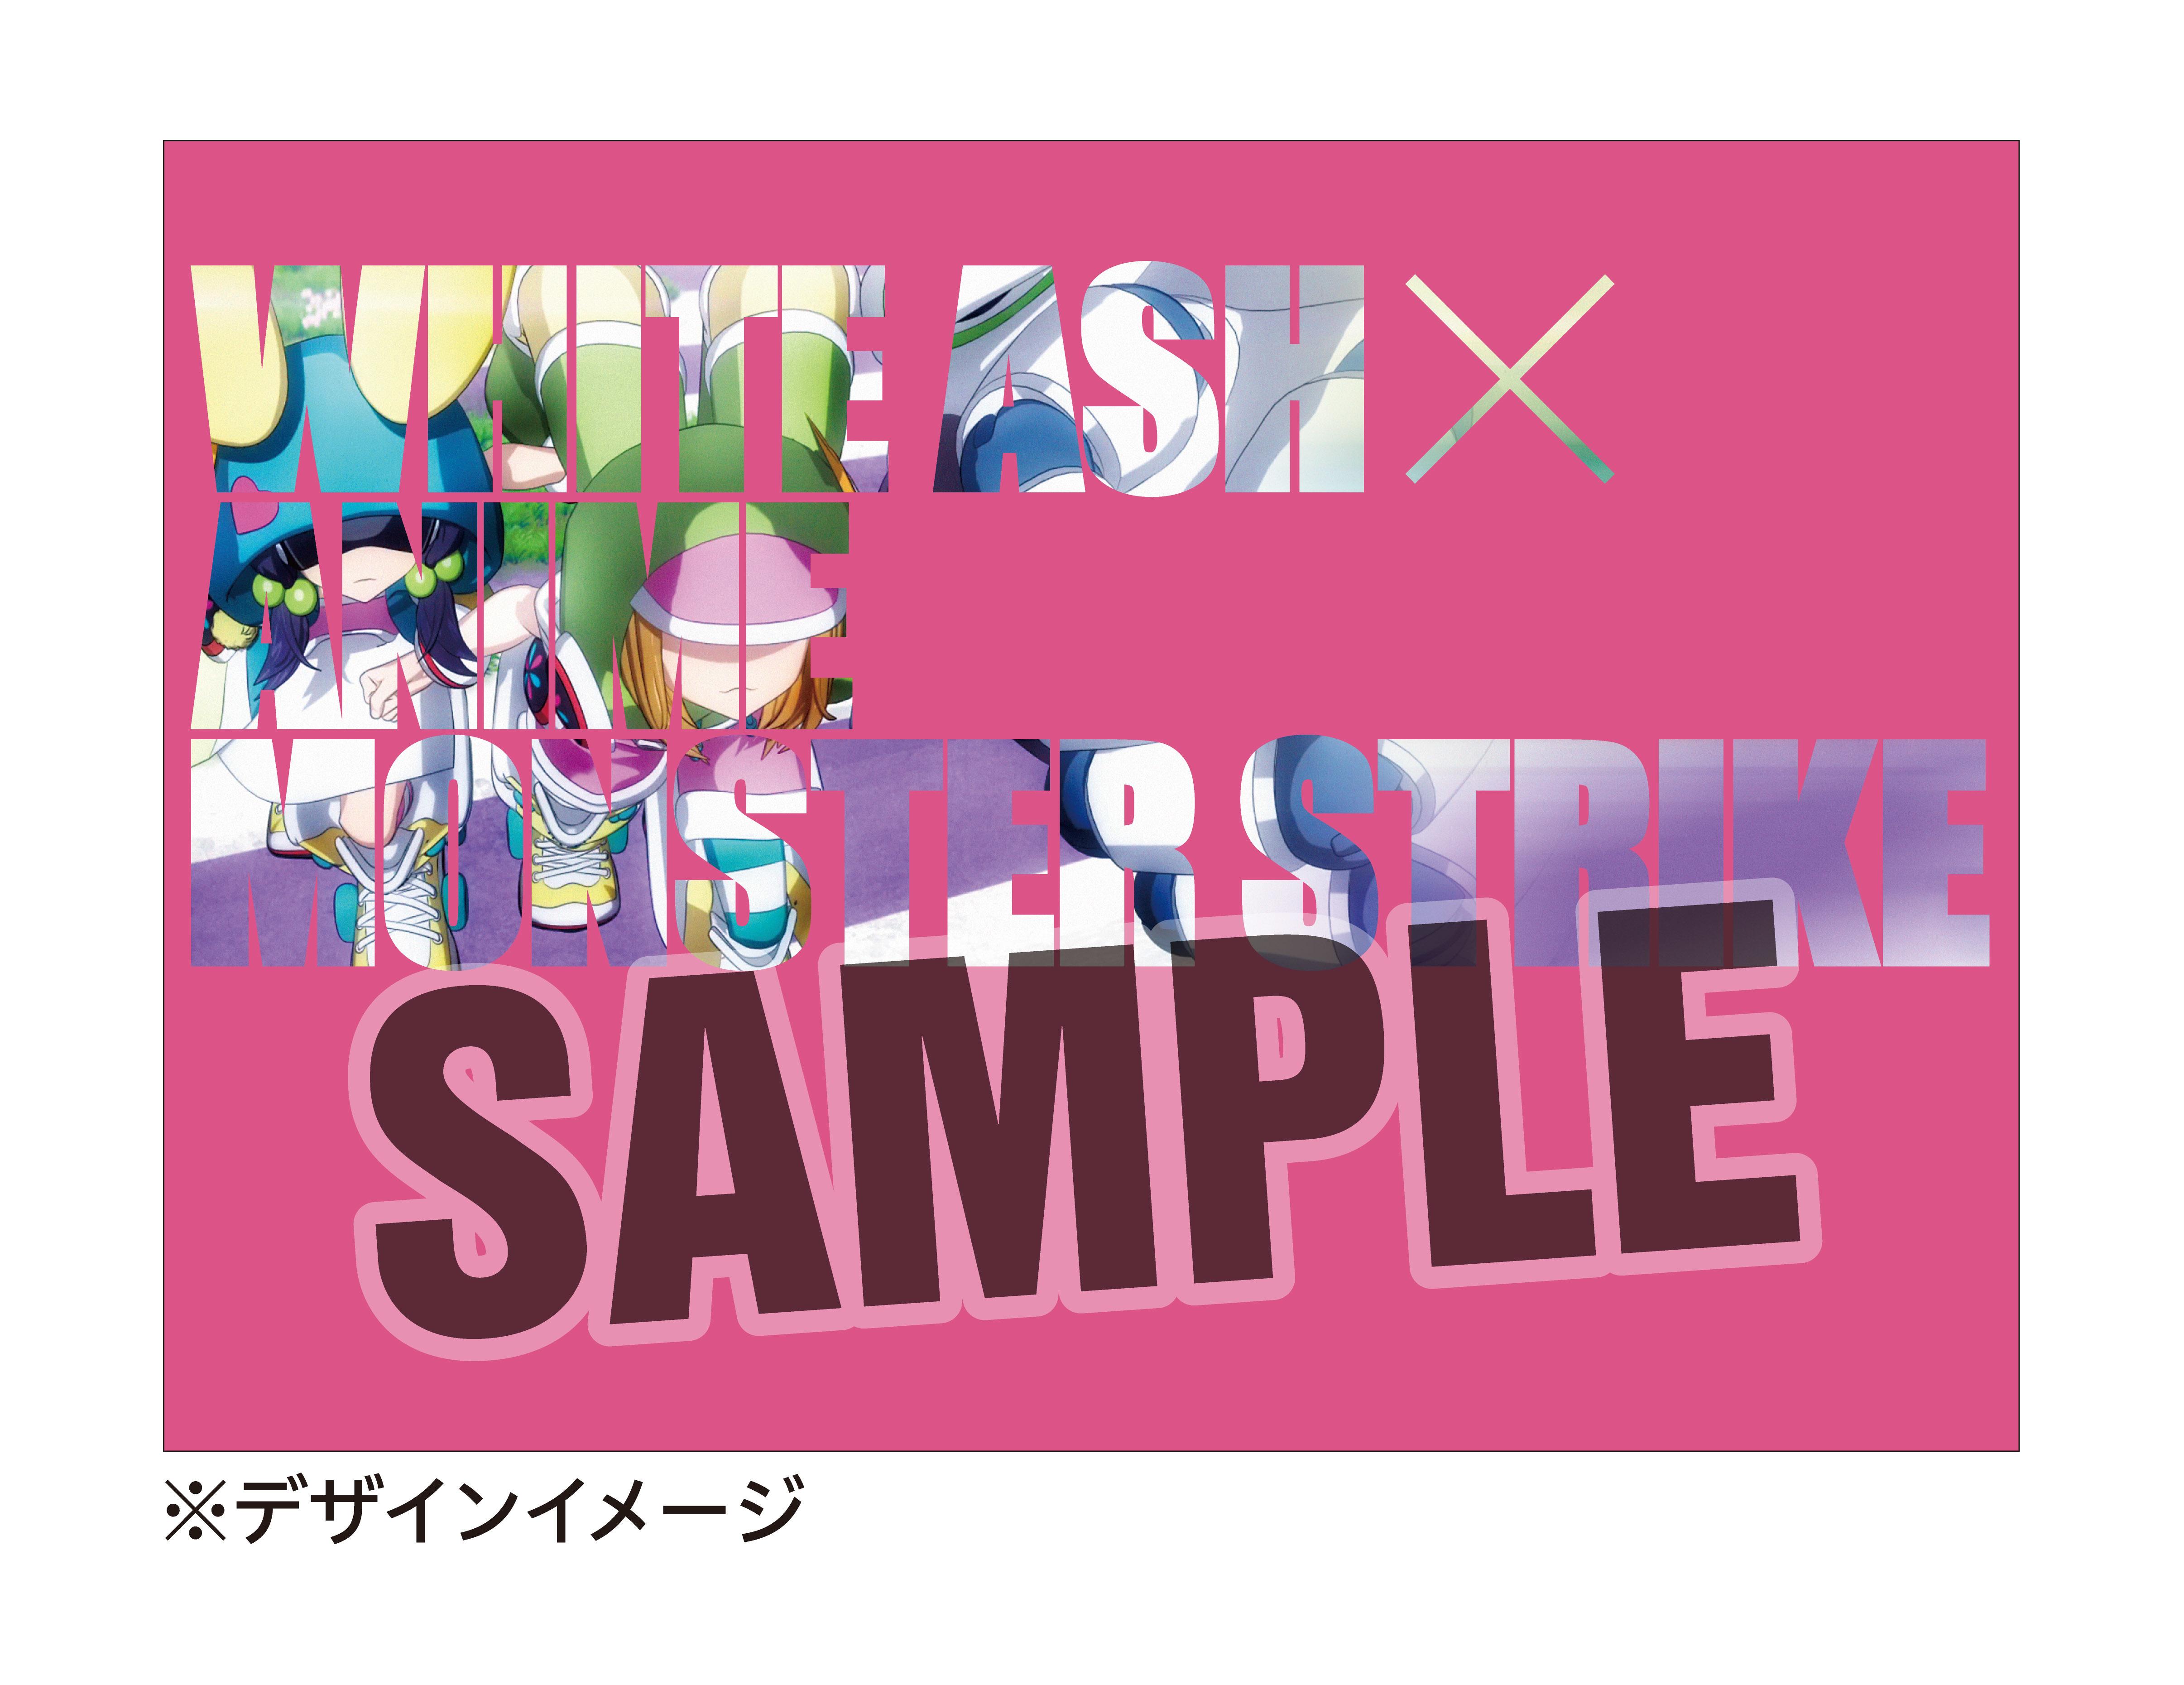 HMV購入特典「WHITE ASH×デッドラビッツLtd.」オリジナルA4ノートビジュアル (C)mixi, Inc. All rights reserved.